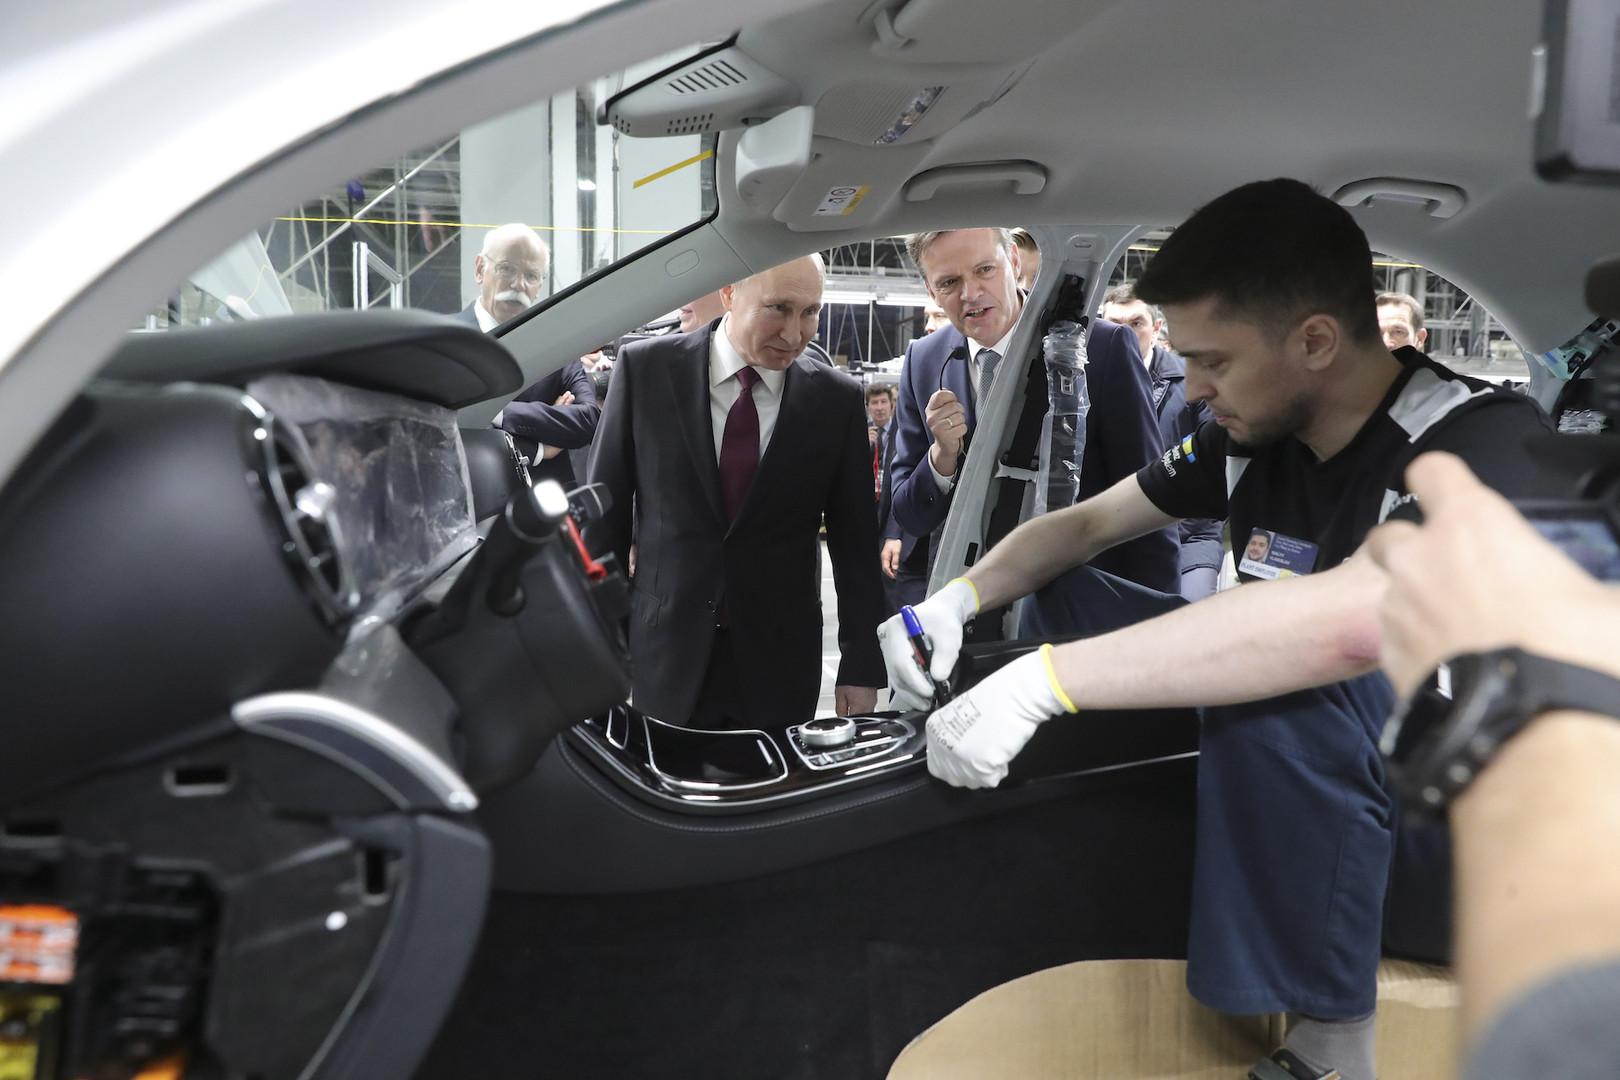 Poutine et le ministre allemand de l'Economie inaugurent une usine Mercedes à Moscou (IMAGES)